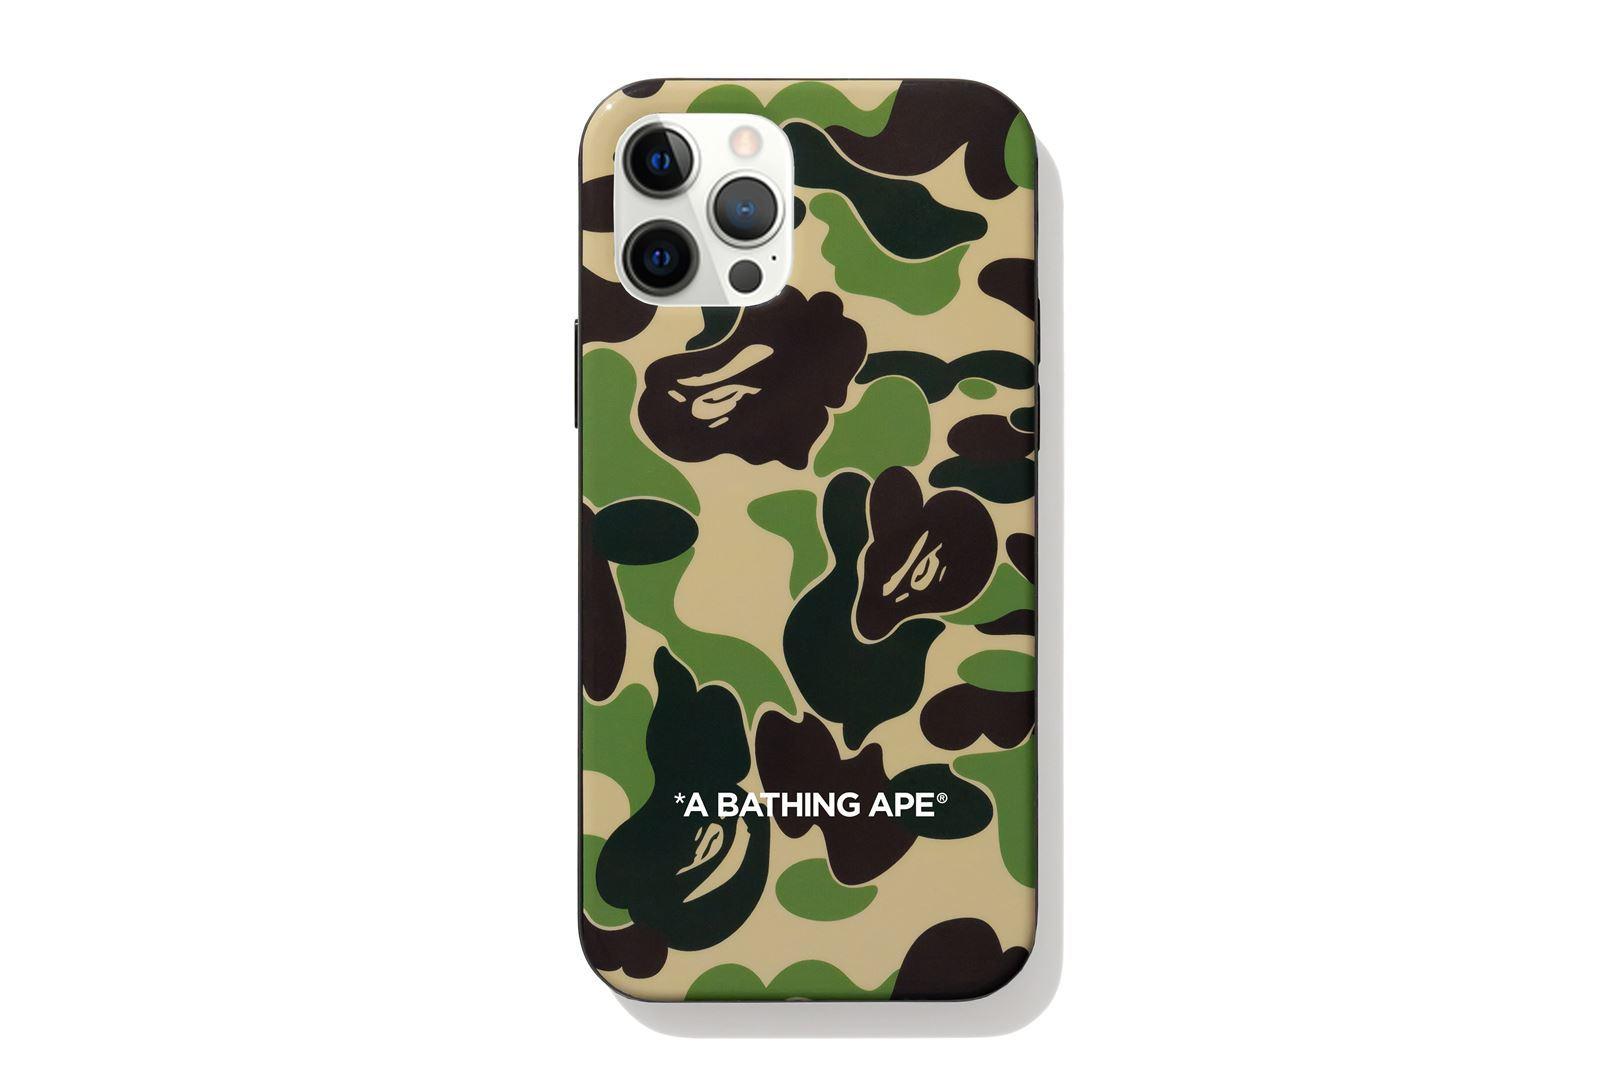 ABC CAMO iPhone 12 / 12 PRO / 12 PRO MAX / 12 MINI CASE_a0174495_13570592.jpg